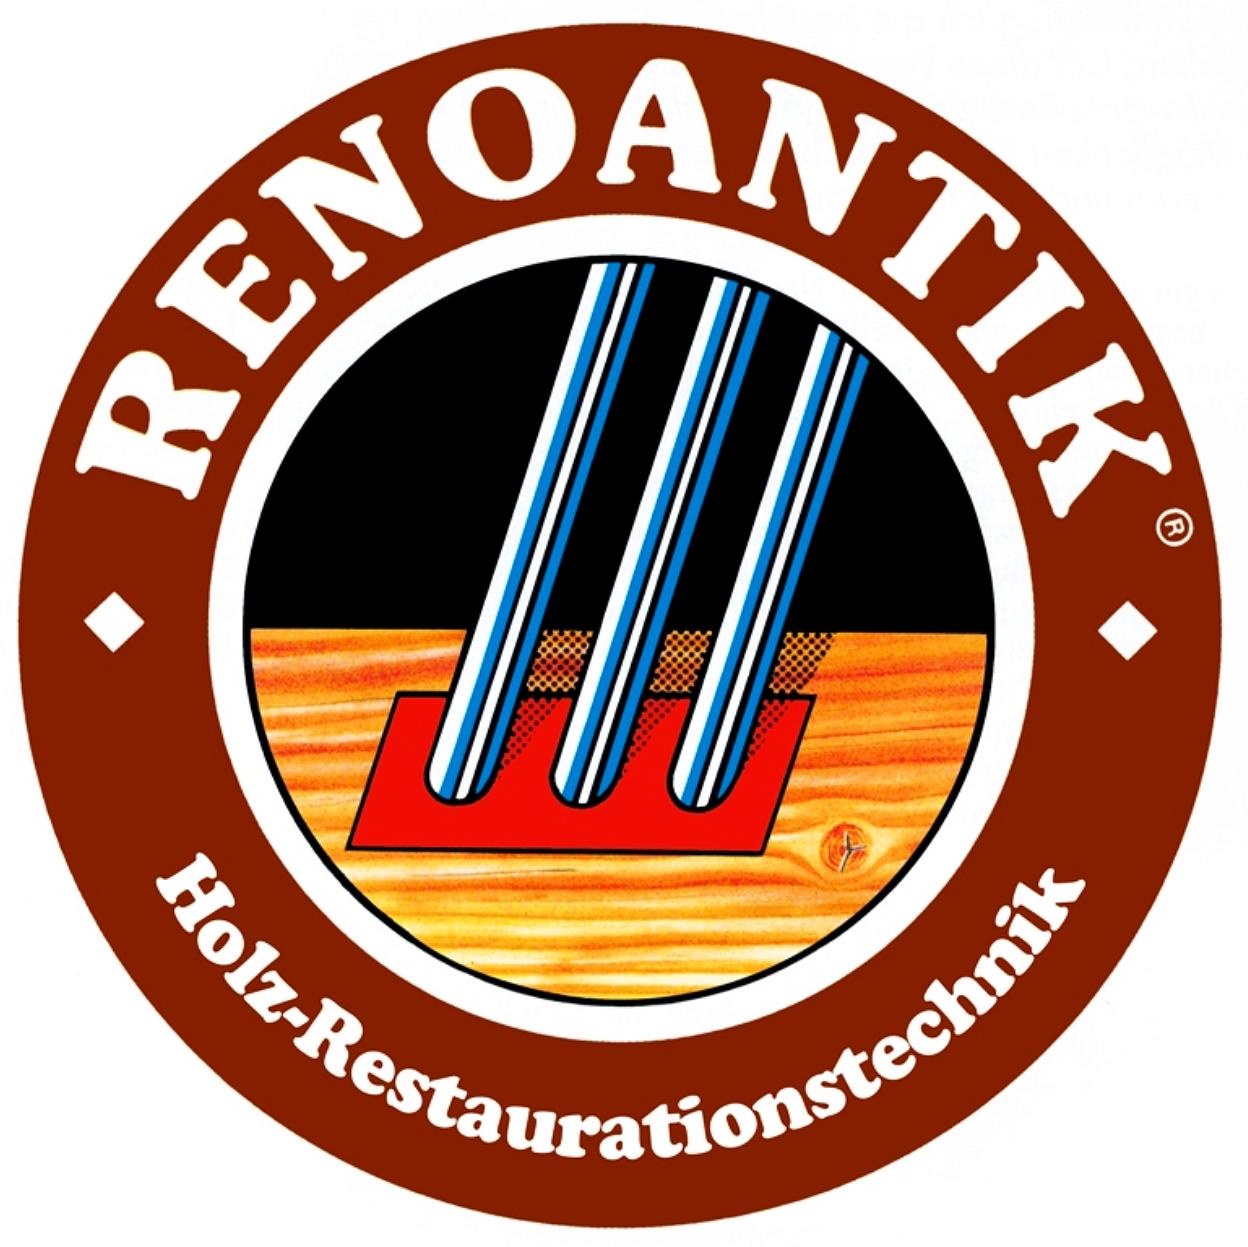 Renoantik, W. Sturzenegger